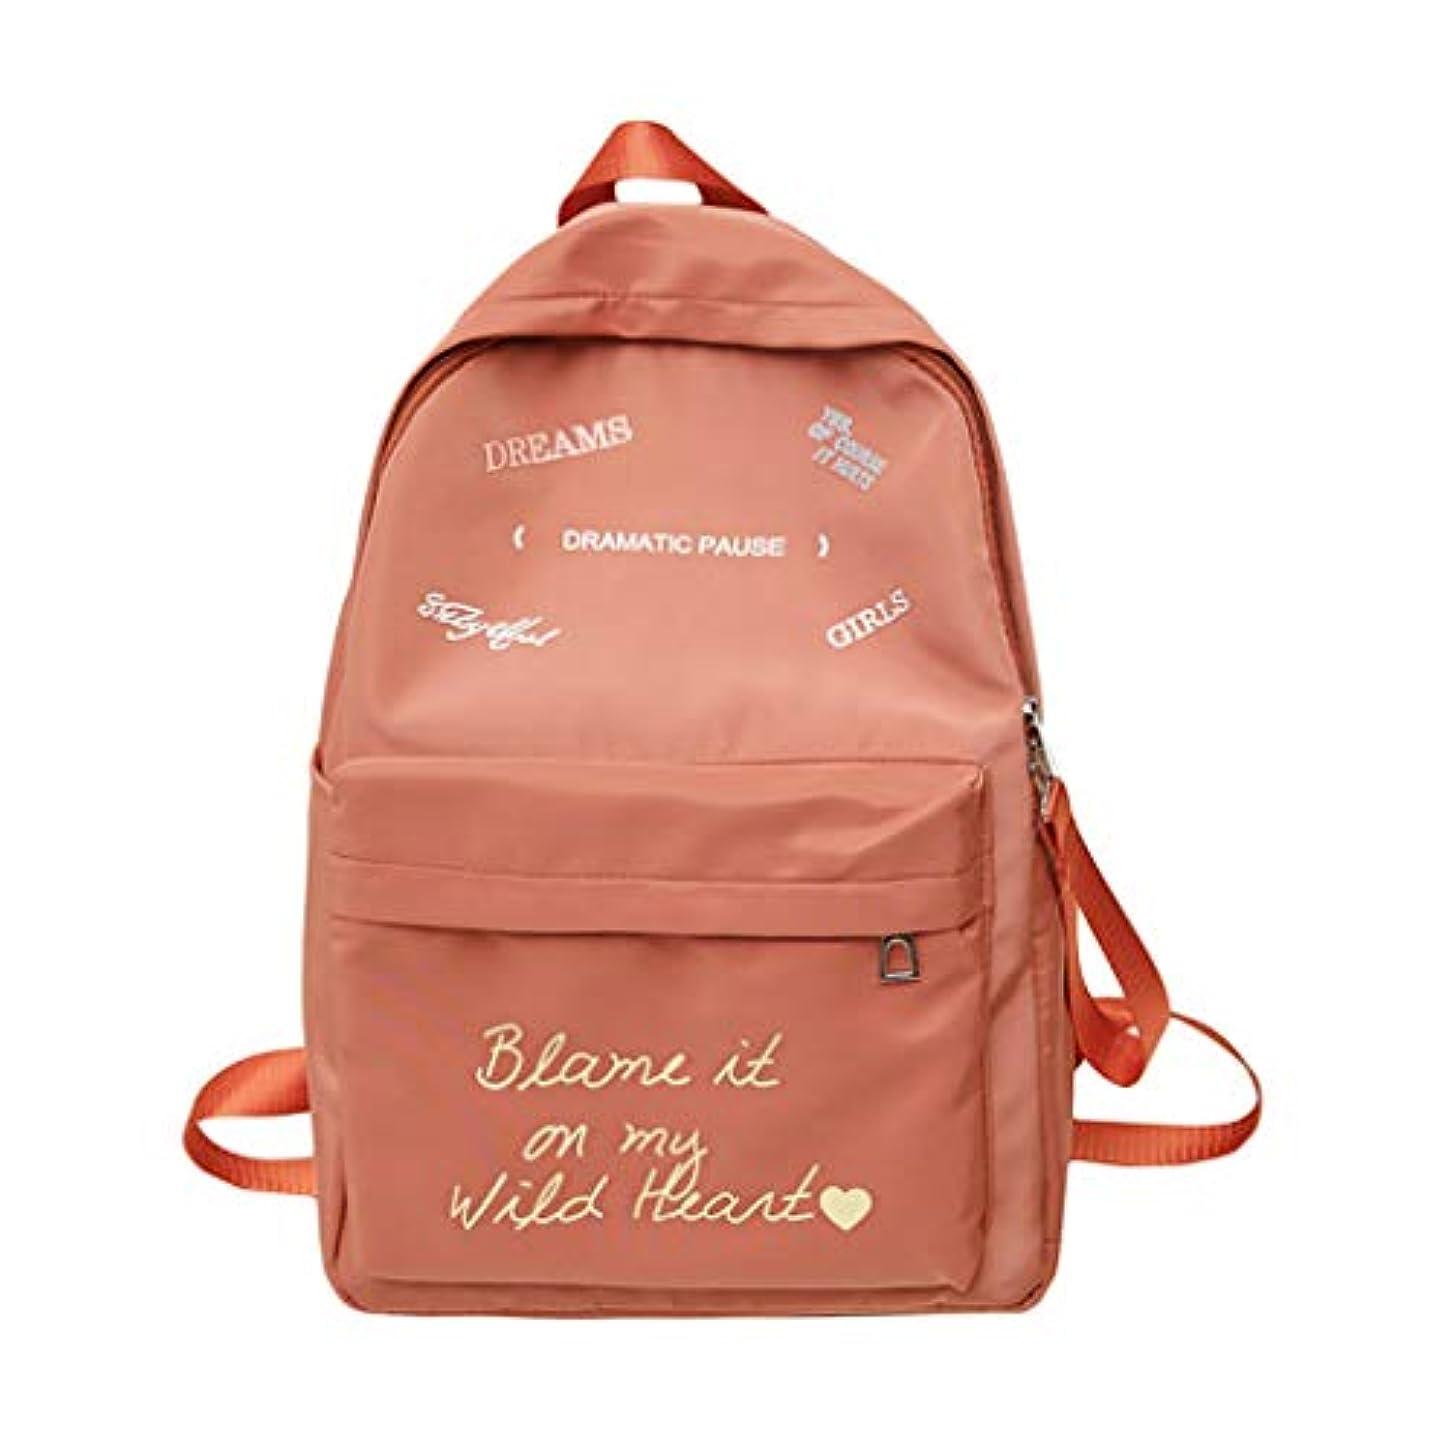 むしゃむしゃ燃料認証ショルダーバッグ バックパックファッションラブリー印刷する 両用 ユニセックス 軽量 アウトドア ファッション レジャー 大容量 学生鞄通学通勤レジャー鞄 リュック リュックサック